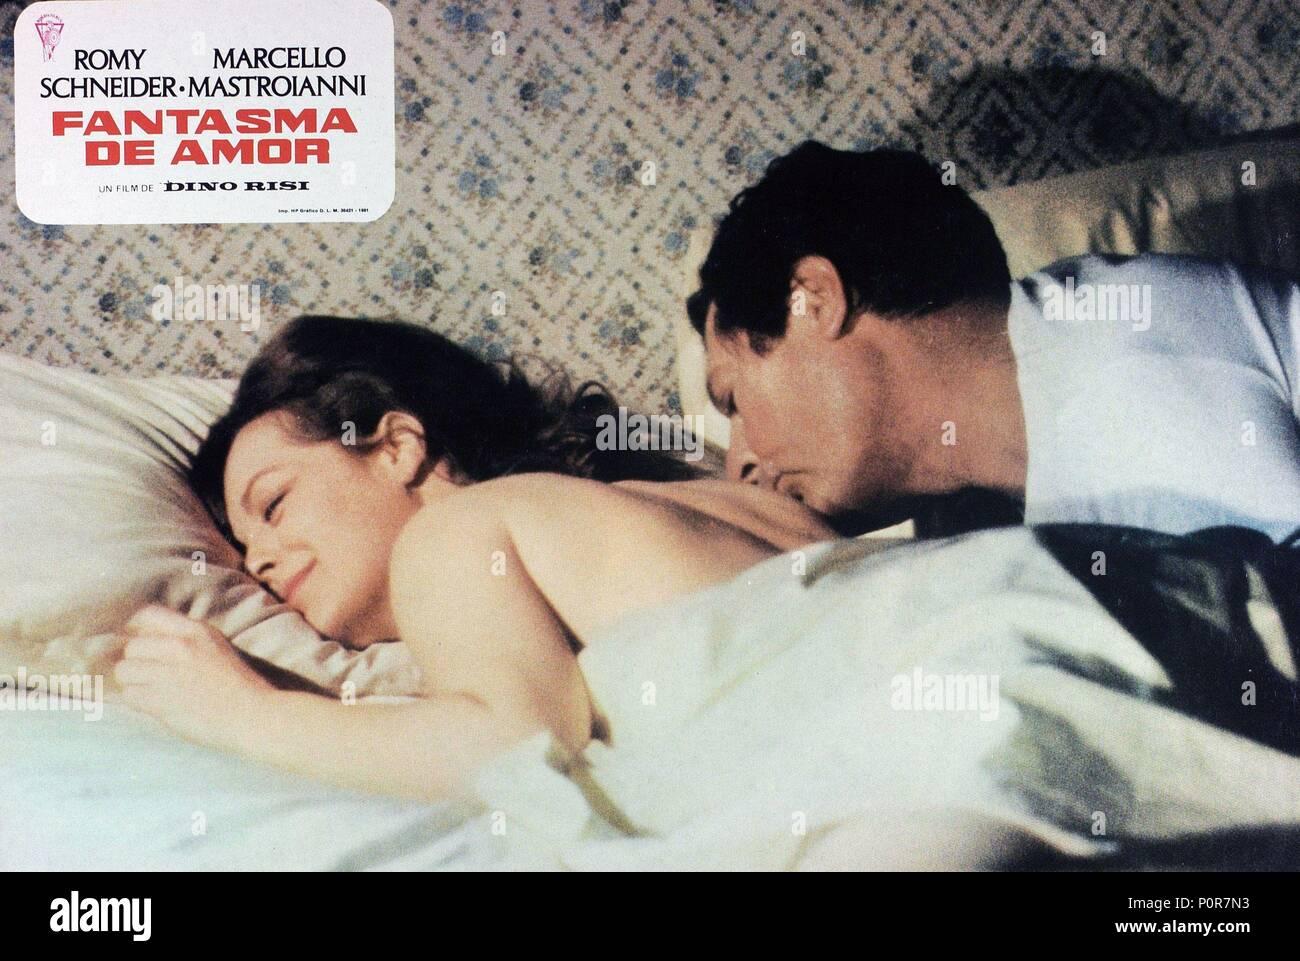 Pellicola originale titolo: FANTASMA D'AMORE. Titolo inglese: fantasma di amore. Regista: DINO RISI. Anno: 1981. Stelle: Romy Schneider; MARCELLO MASTROIANNI. Immagini Stock